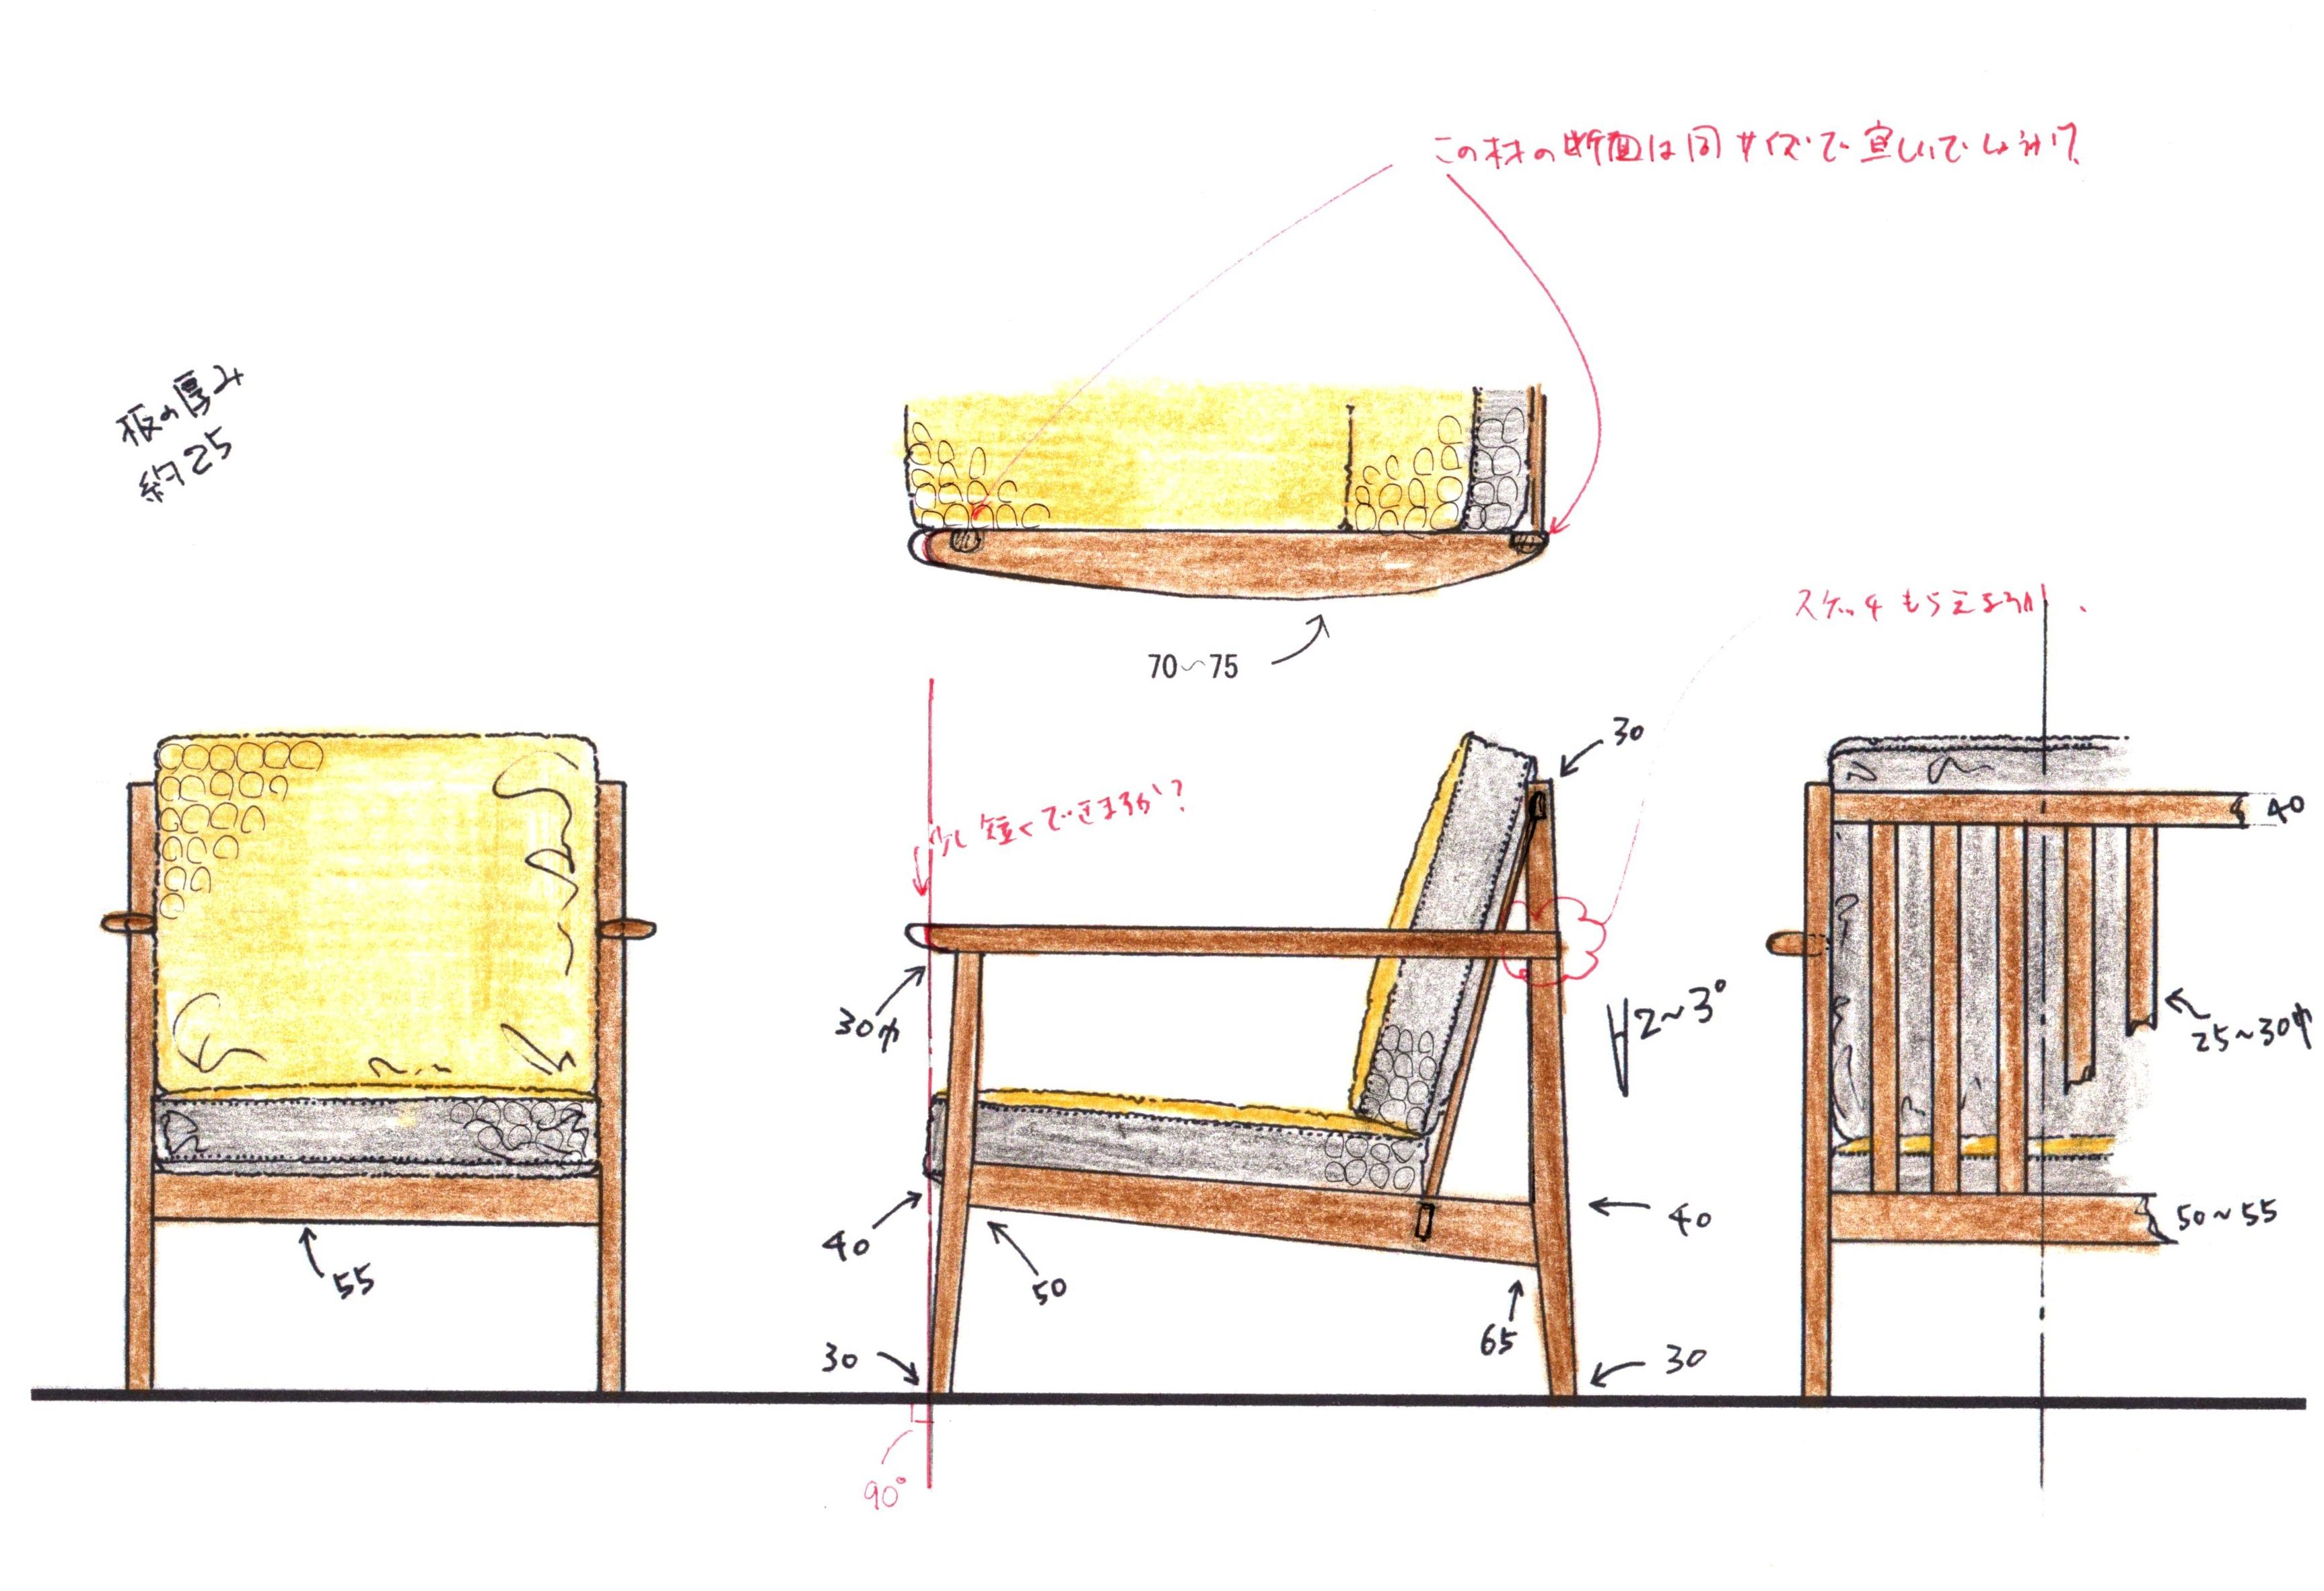 建築家の家具,ソファ,高級注文住宅設計,ミナペルホネン,タンバリン